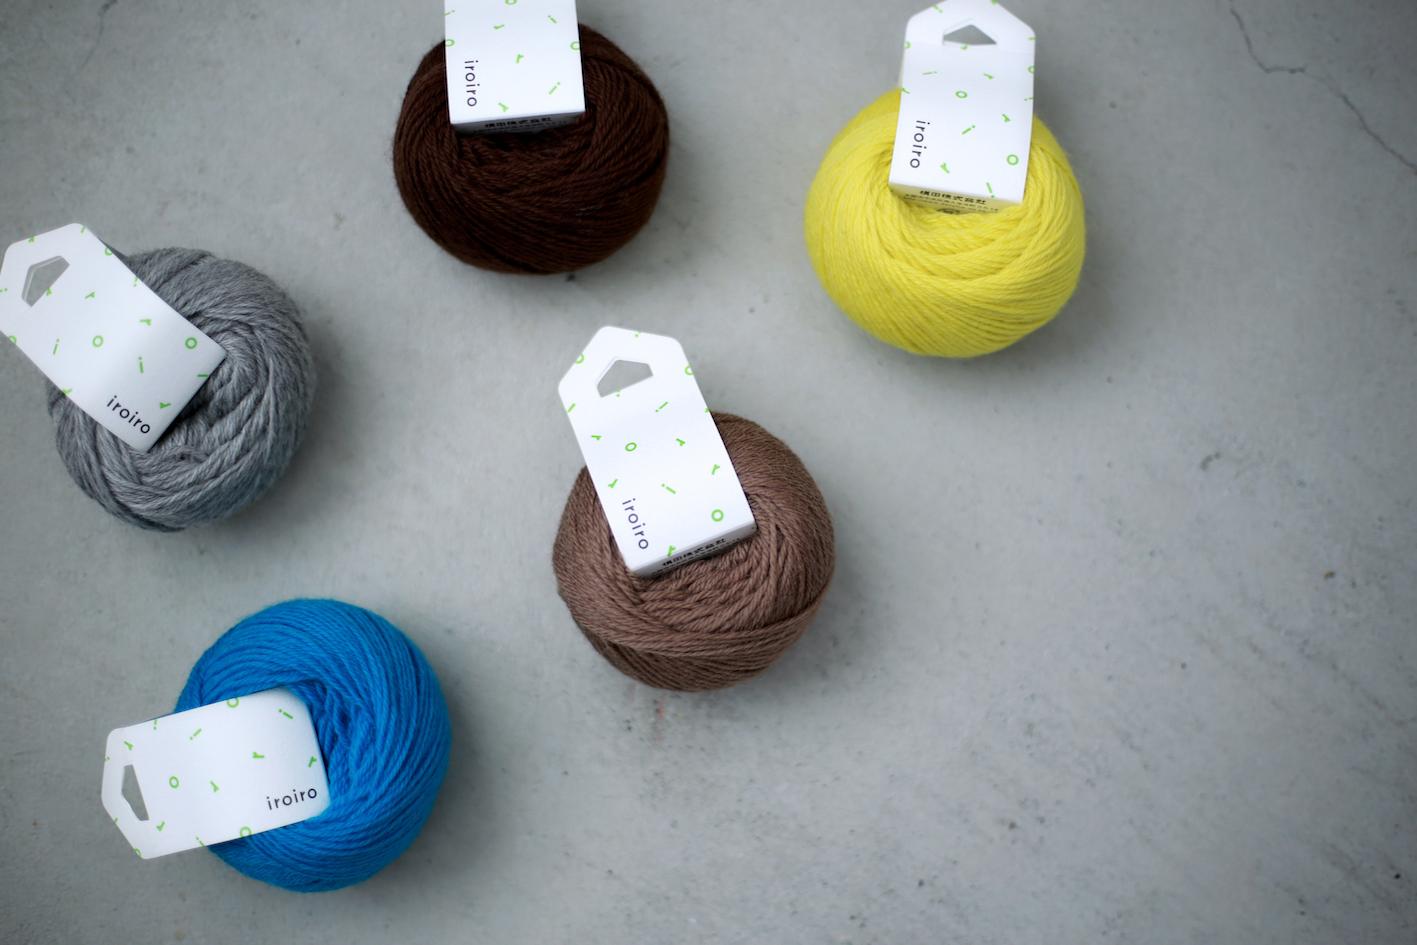 iroiroを3色と5色にカラーセレクトして販売いたします! ポンポンやタッセル、毛糸刺しゅうにぴったりです。